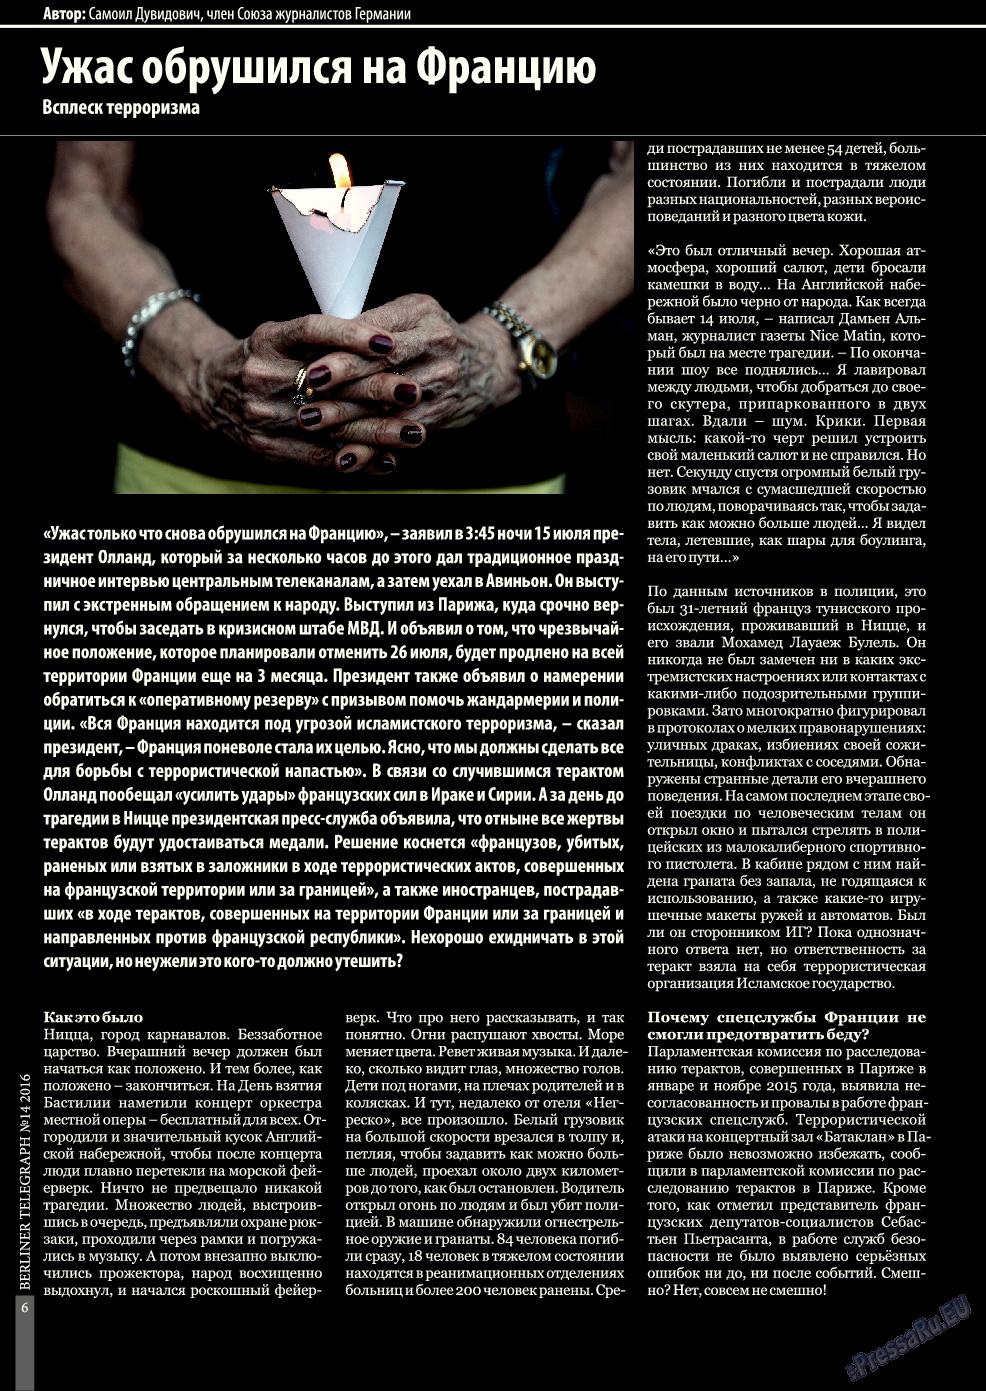 Берлинский телеграф (журнал). 2016 год, номер 14, стр. 6